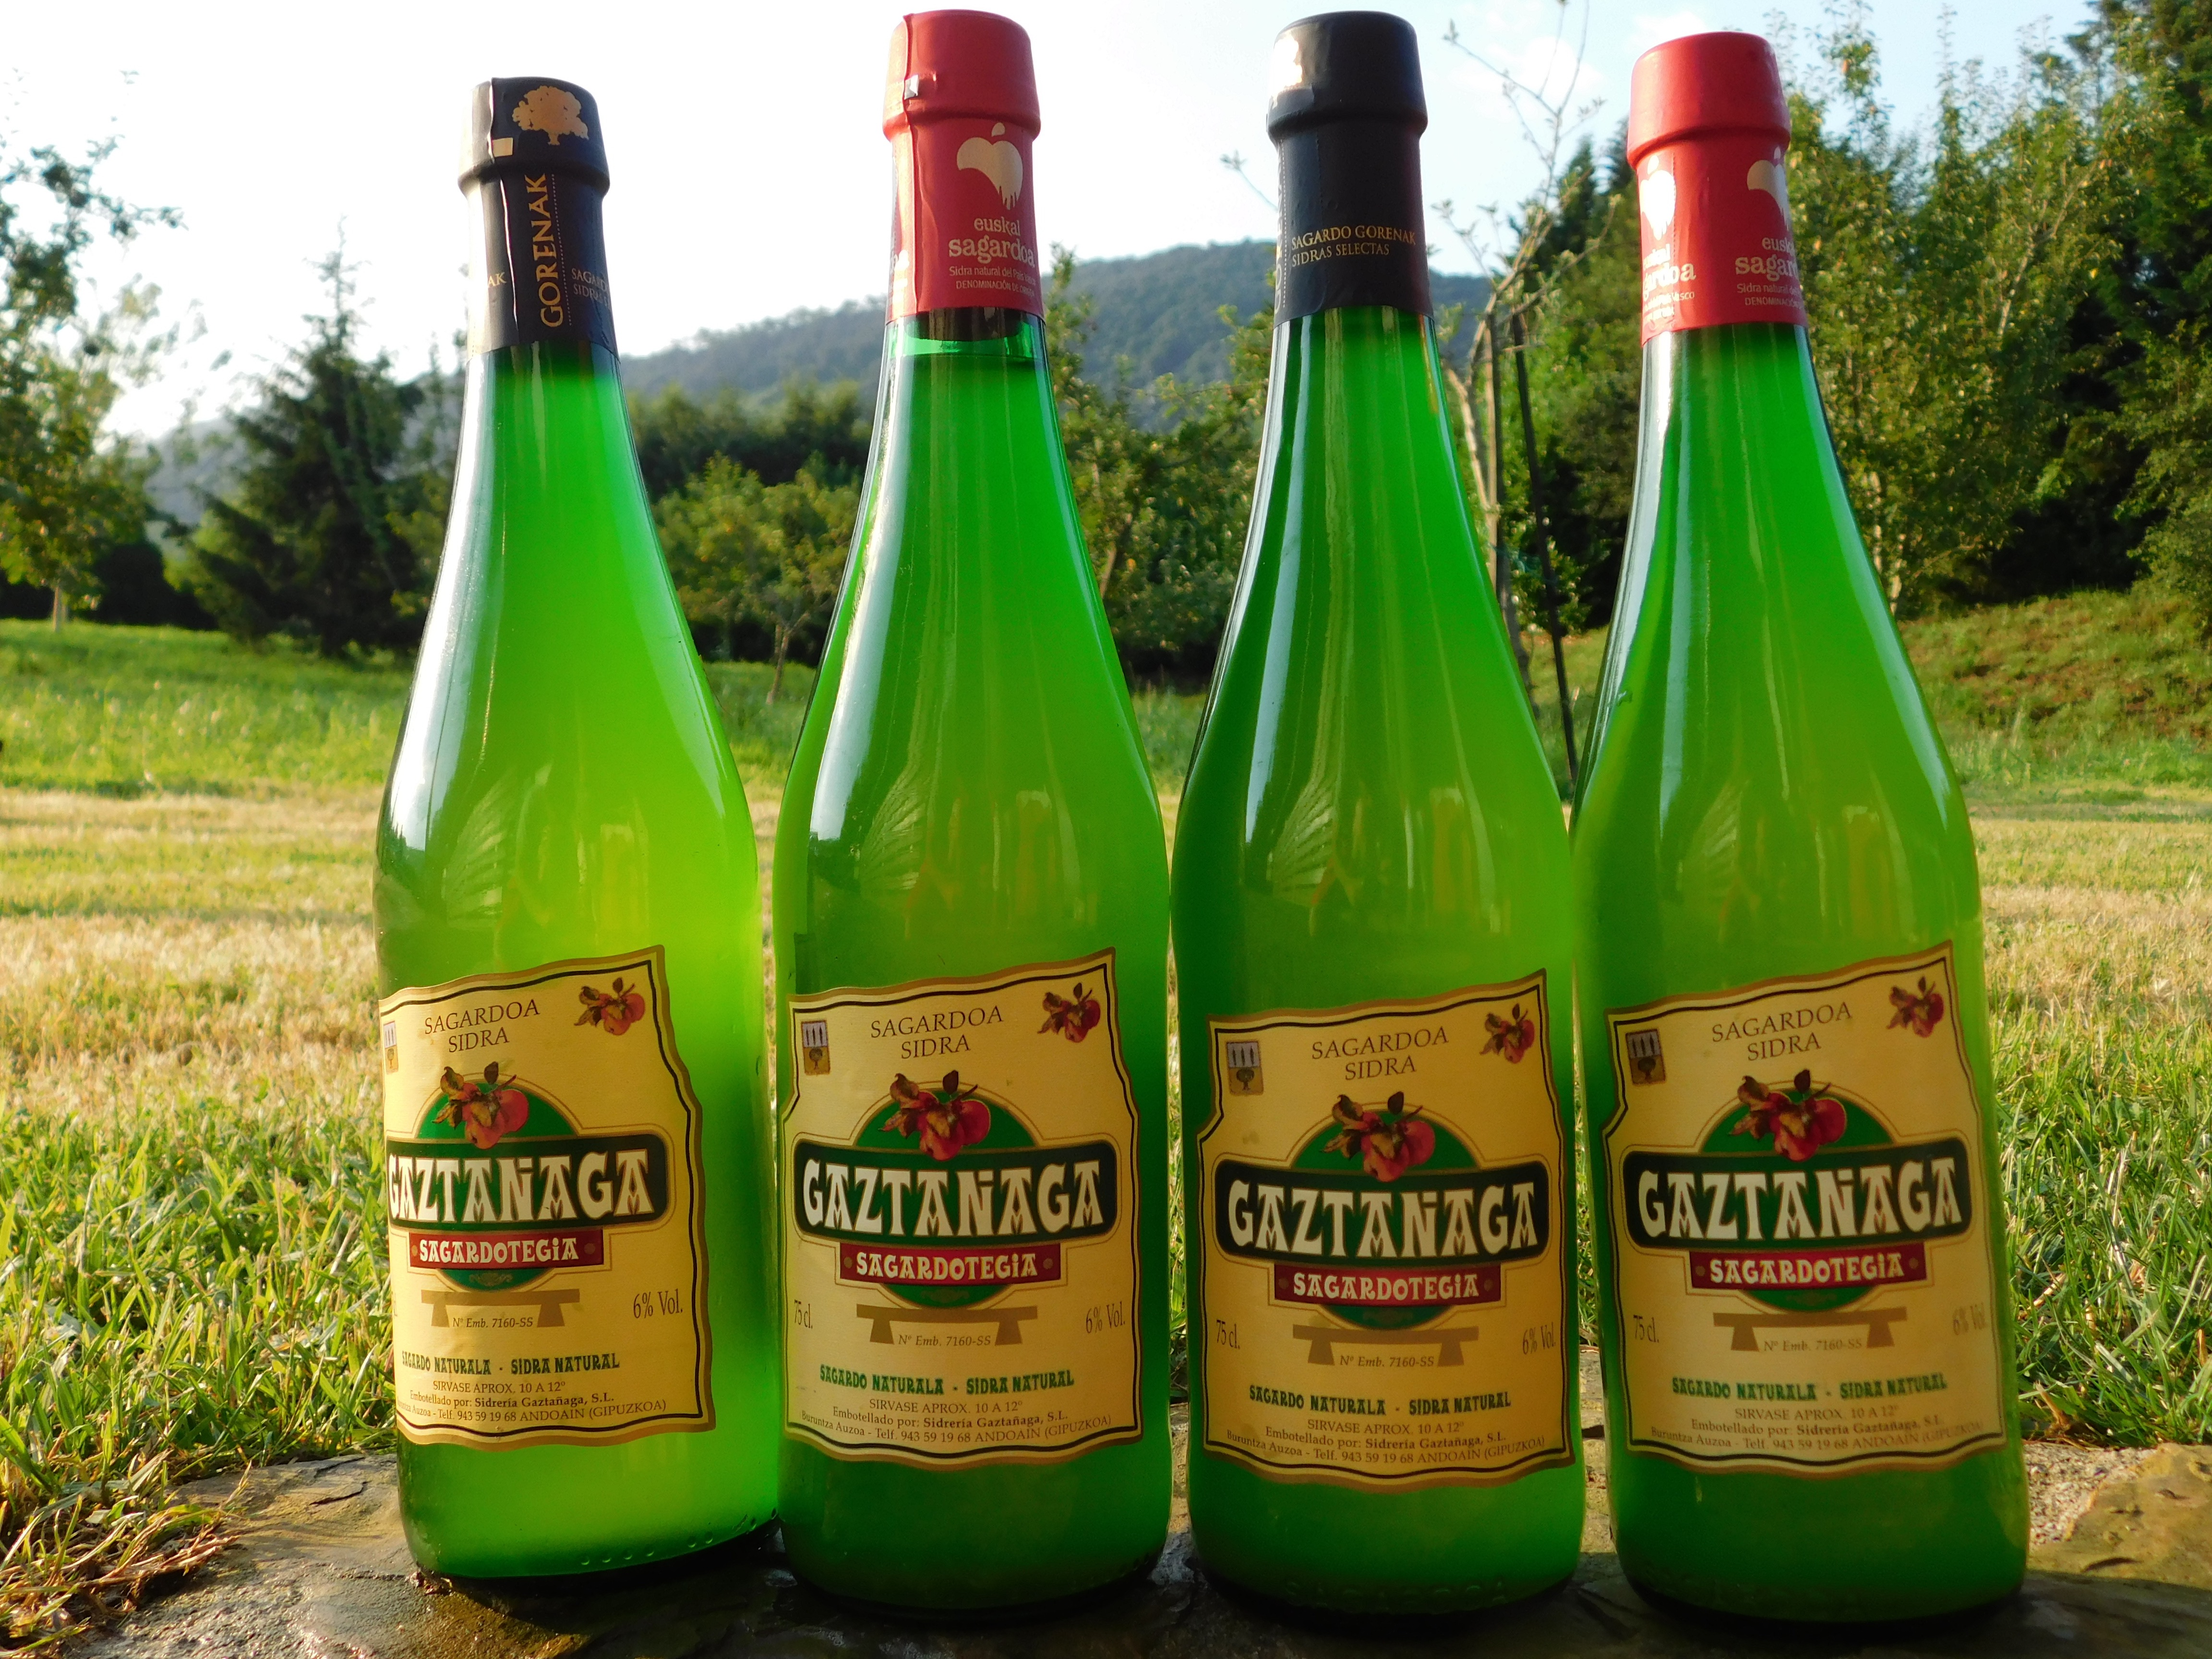 Euskal Sagardoa. %100 bertako sagarrarekin ekoitztutako sagardoa.